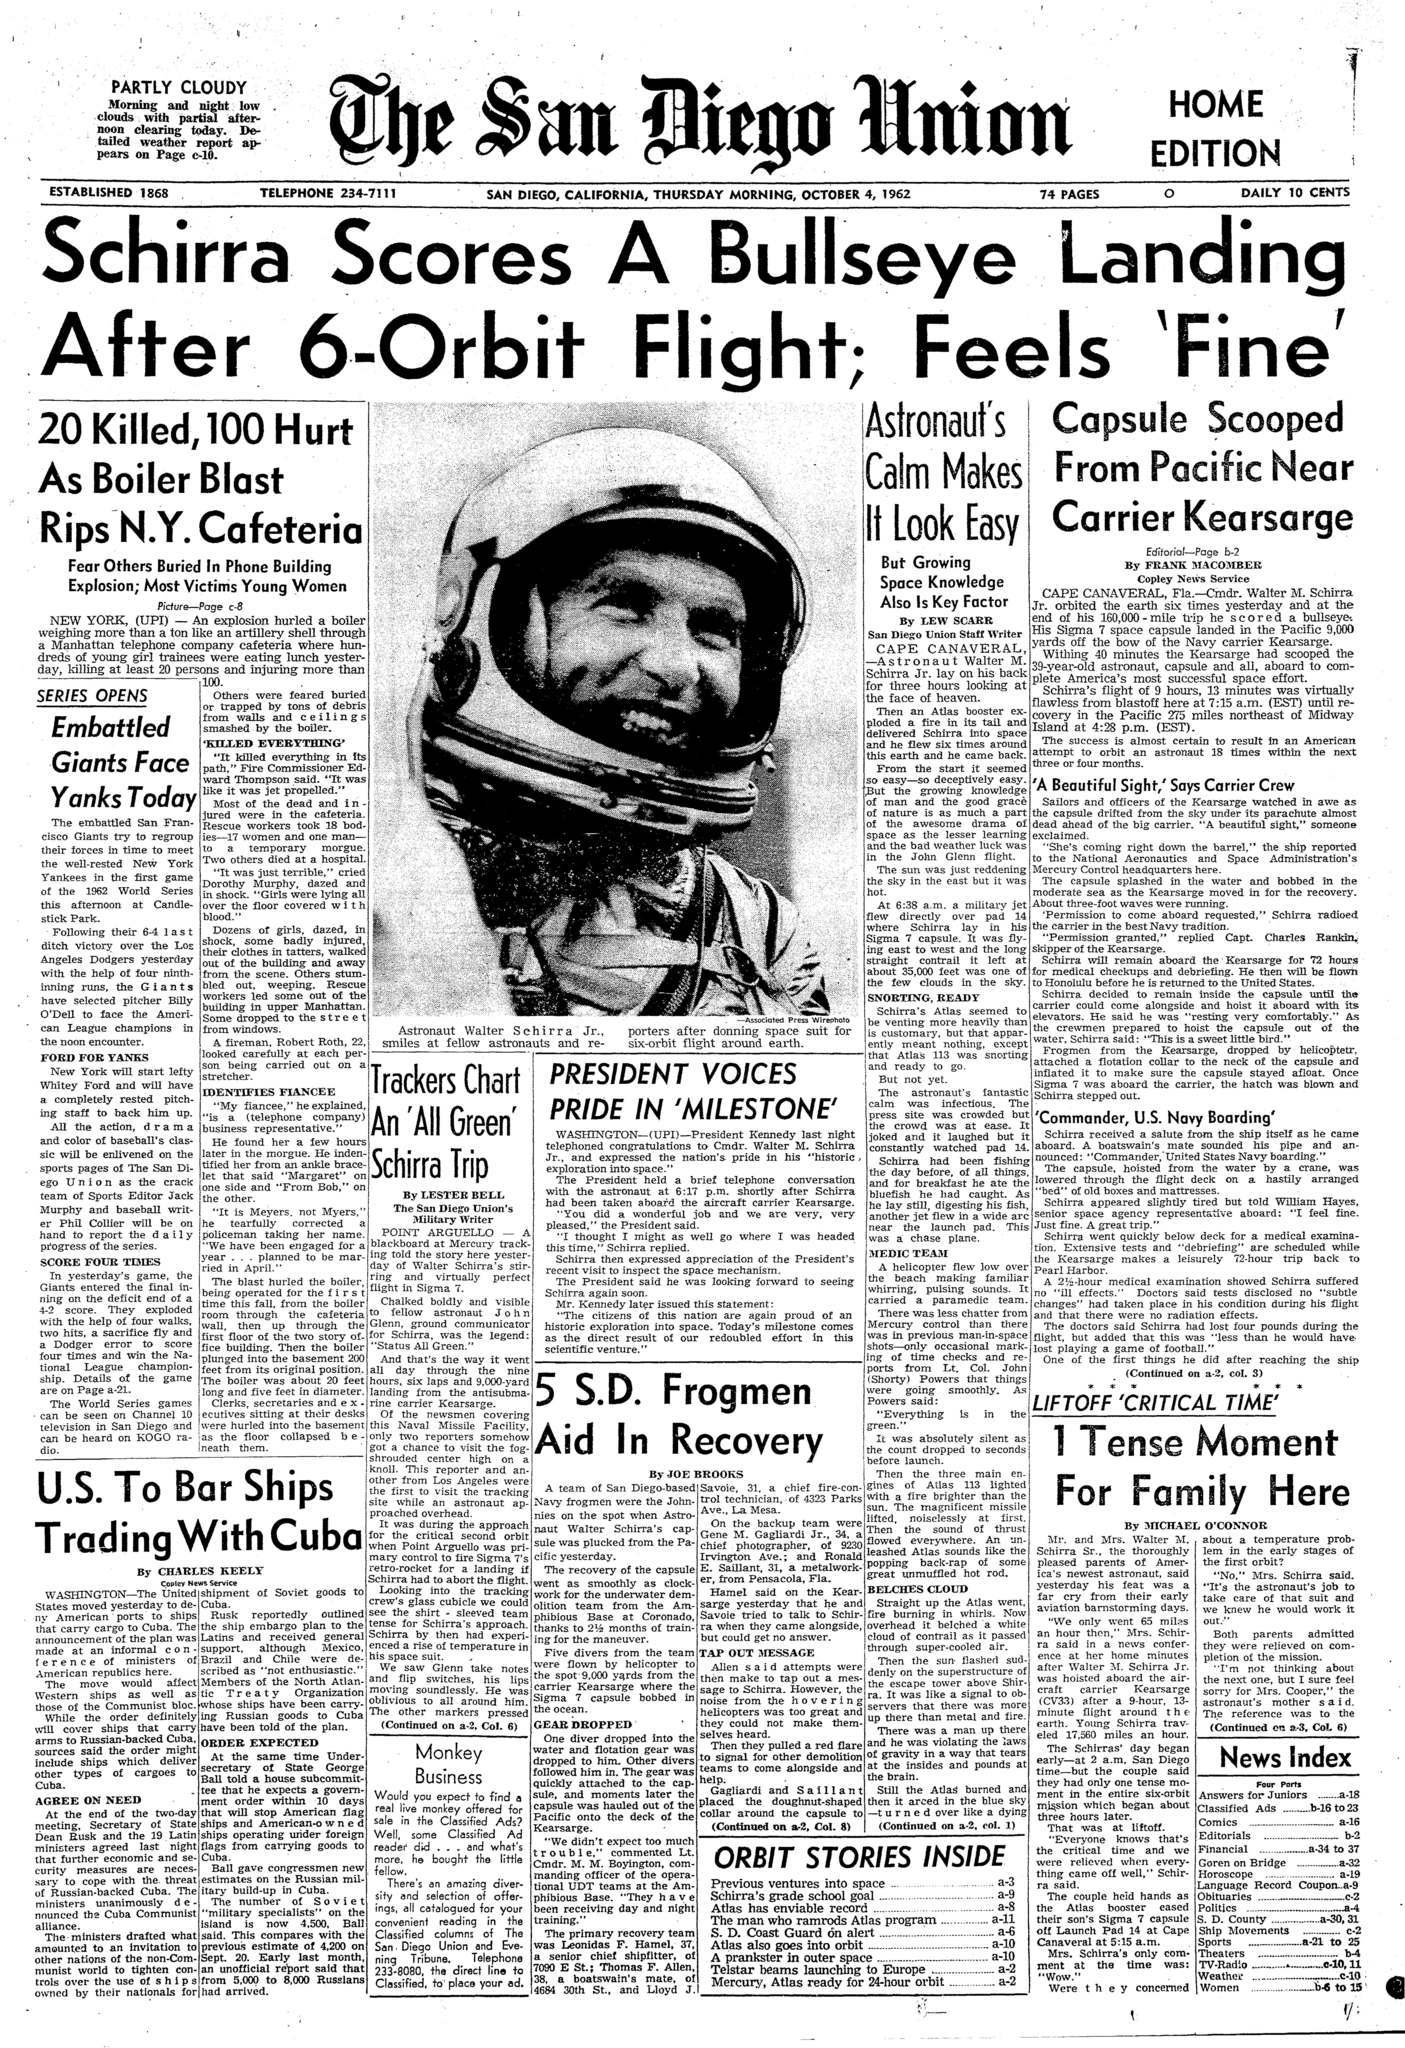 October 4, 1962